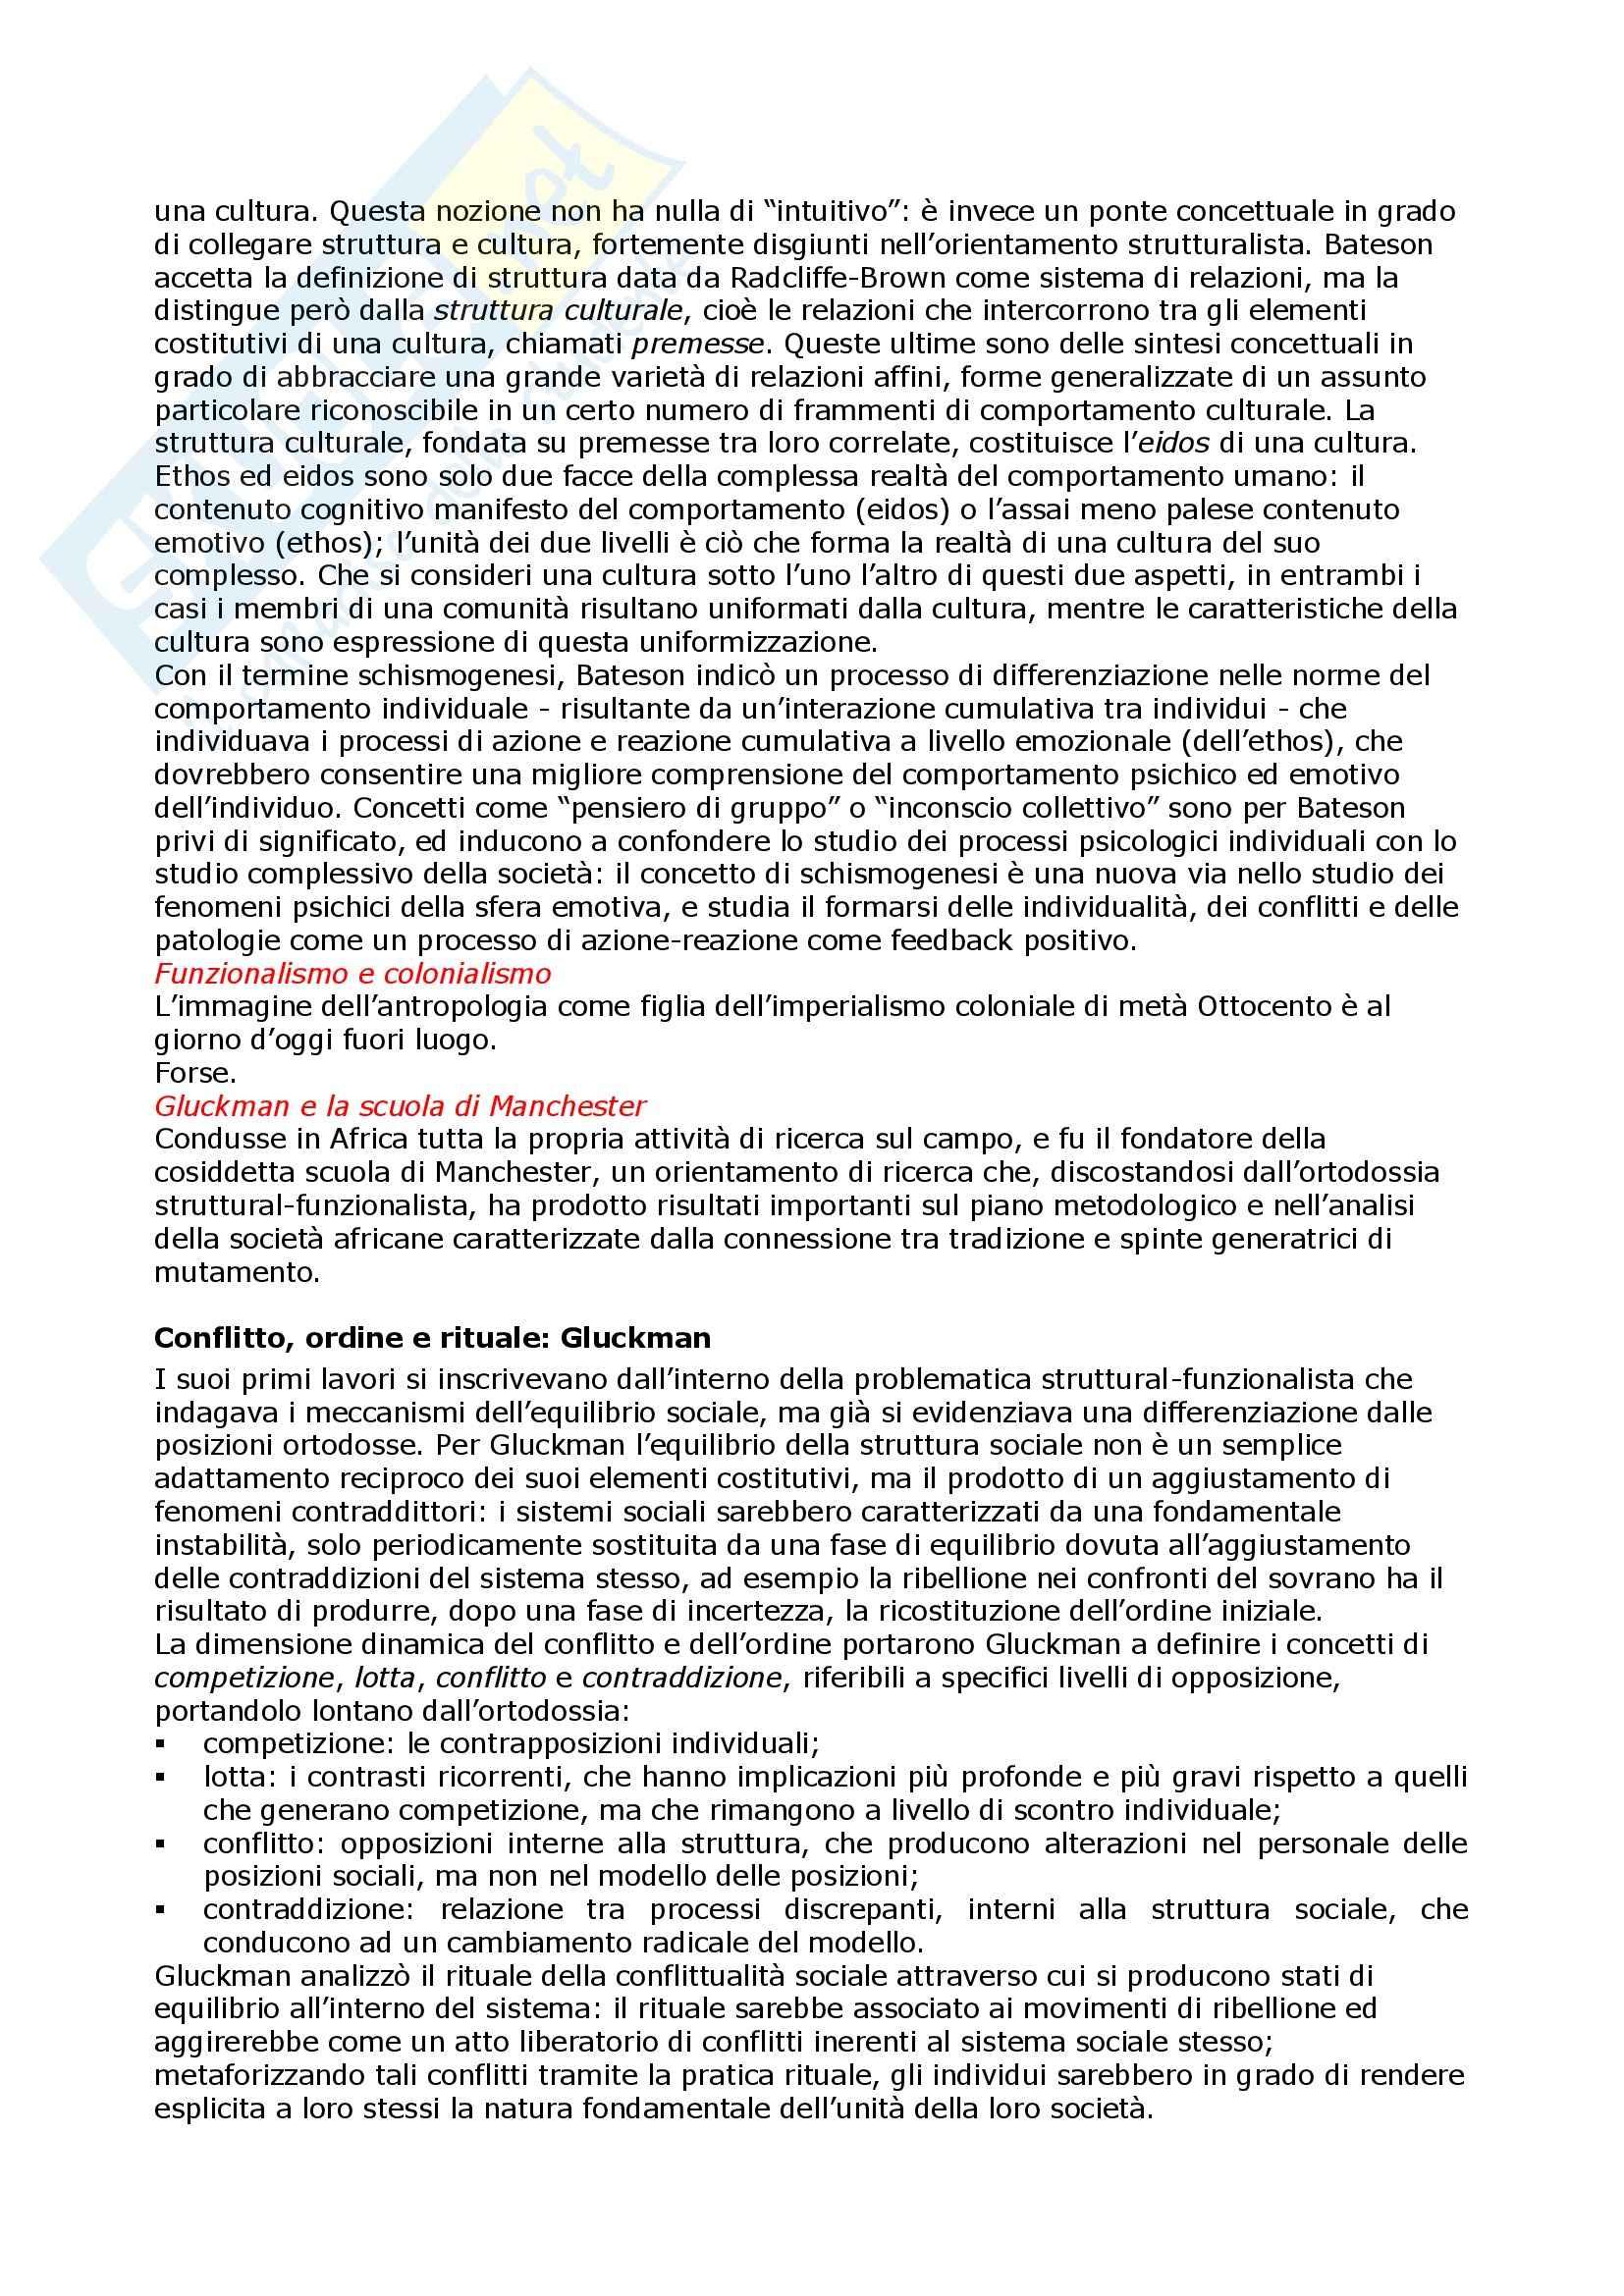 Storia dell'antropologia - Appunti Pag. 41